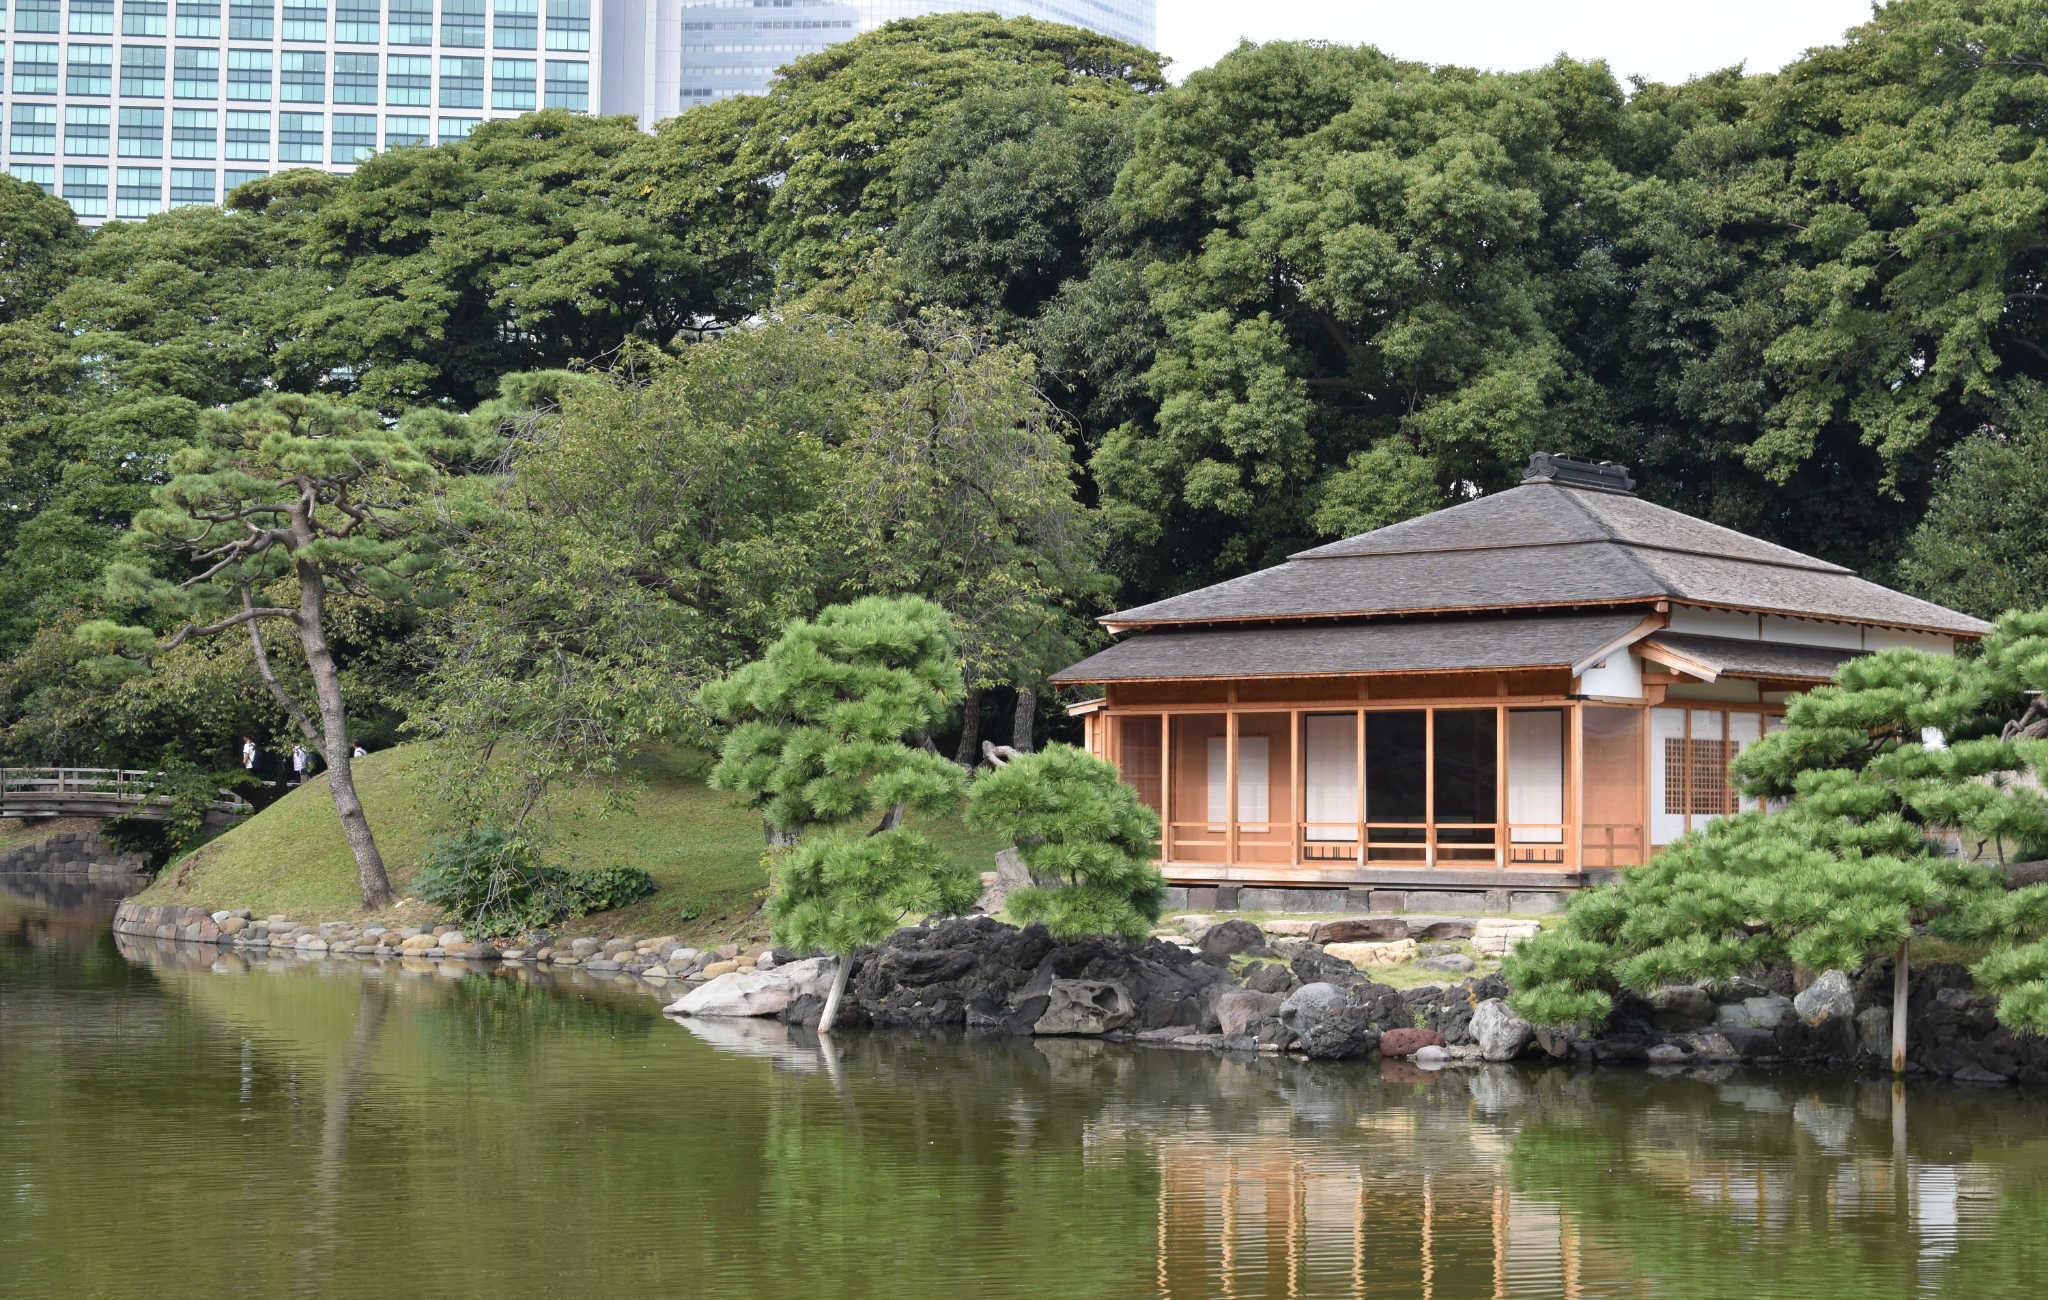 Autour du lacs, plusieurs pavillons en bois